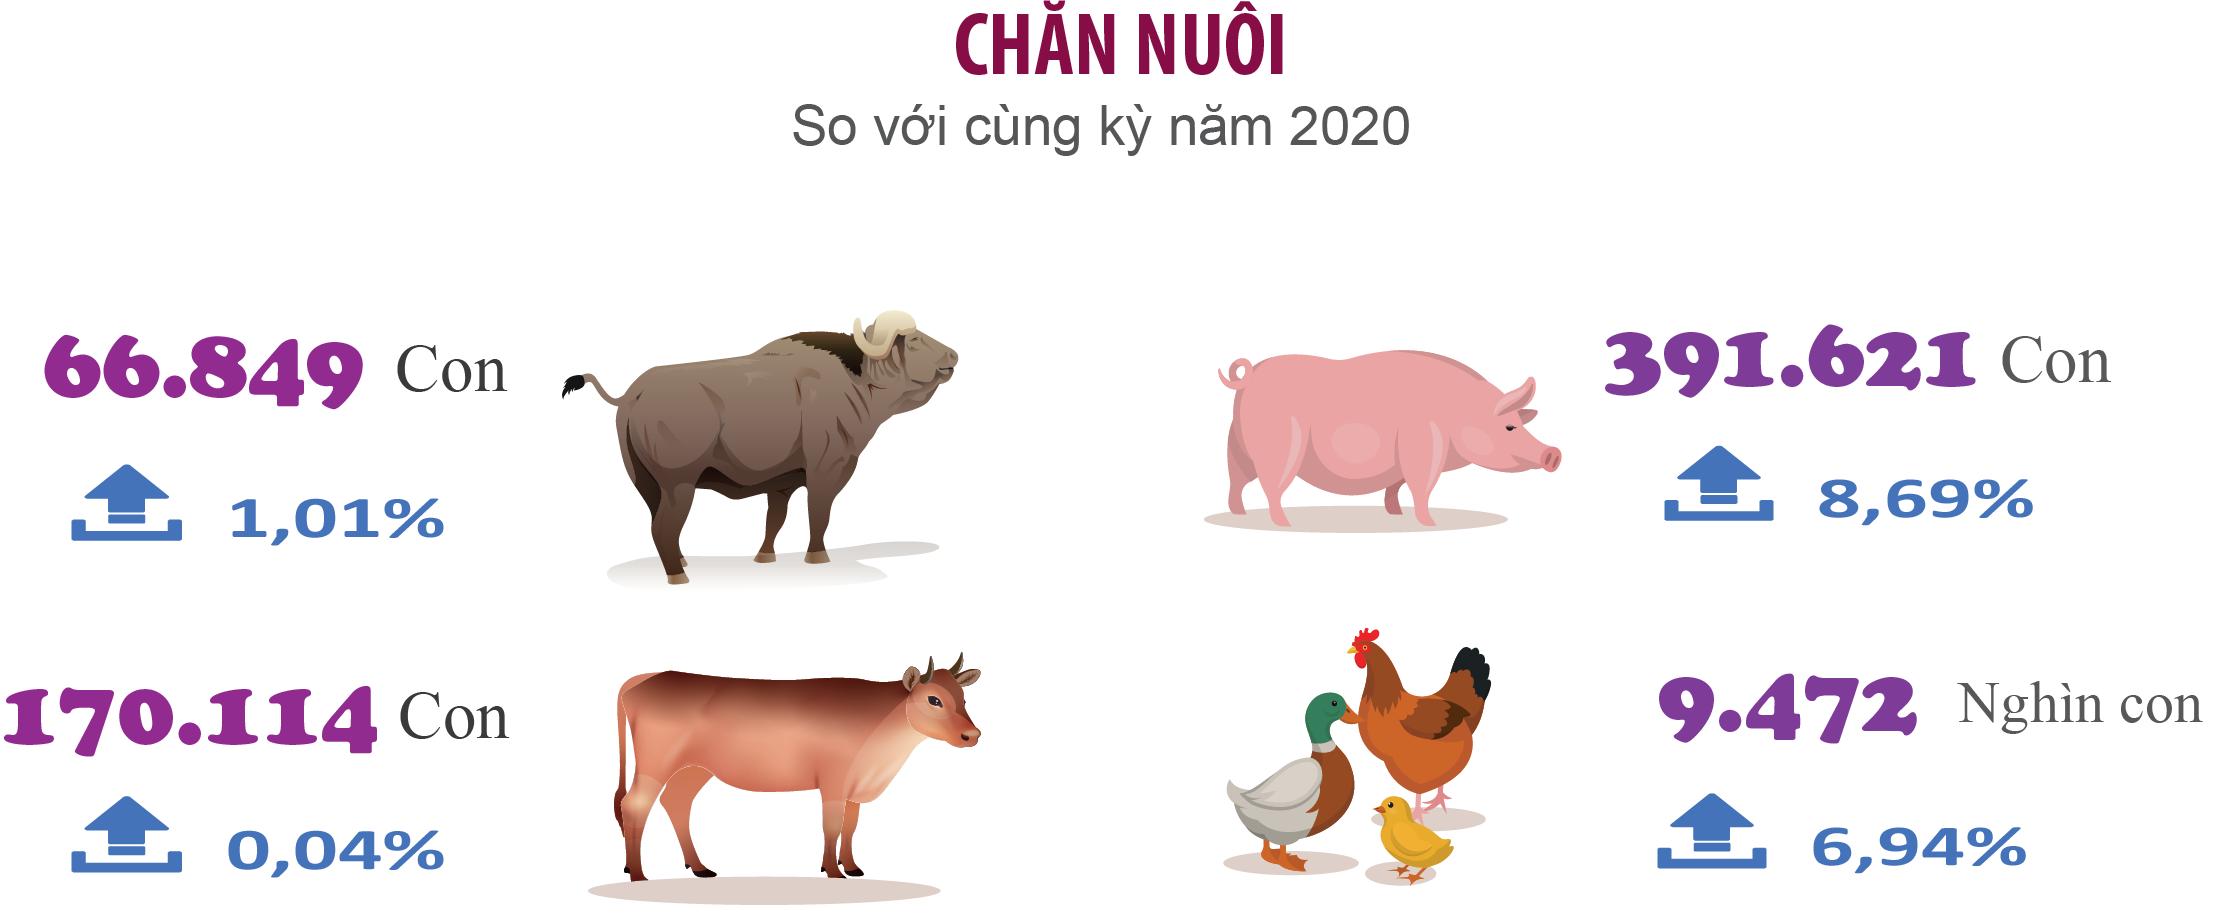 TẠI SAO  trong những năm gần đây, điều kiện phát triển chăn nuôi có nhiều thuận lợi nhưng hiệu quả lại chưa cao và chưa ổn định ?